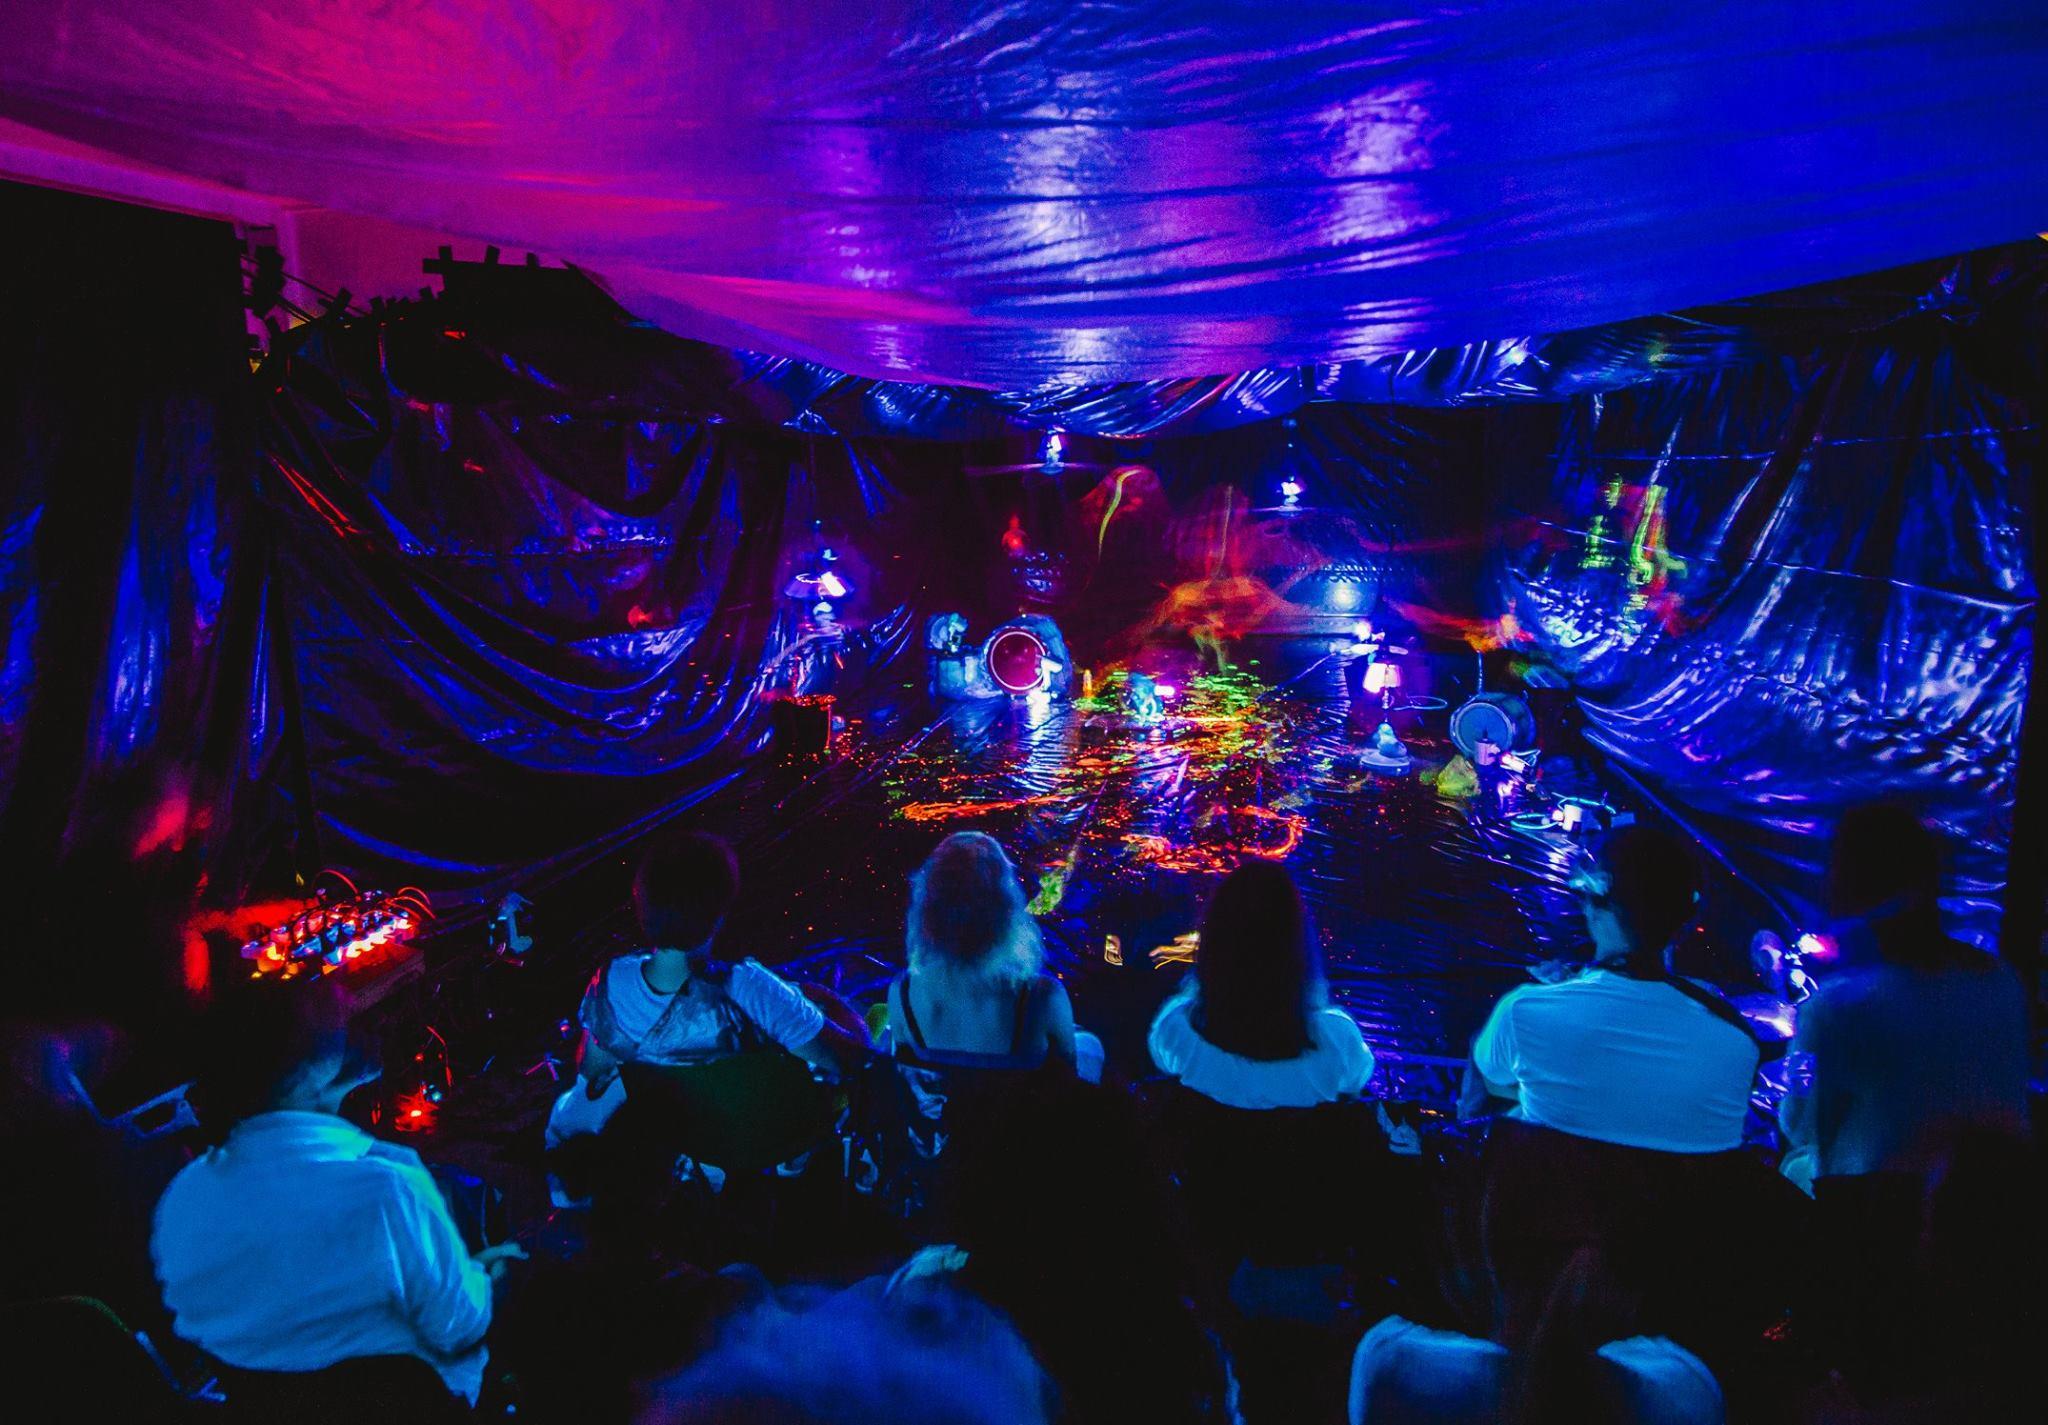 DANCEPAINT MUSIC LICHTEN photo: Medien Malocher